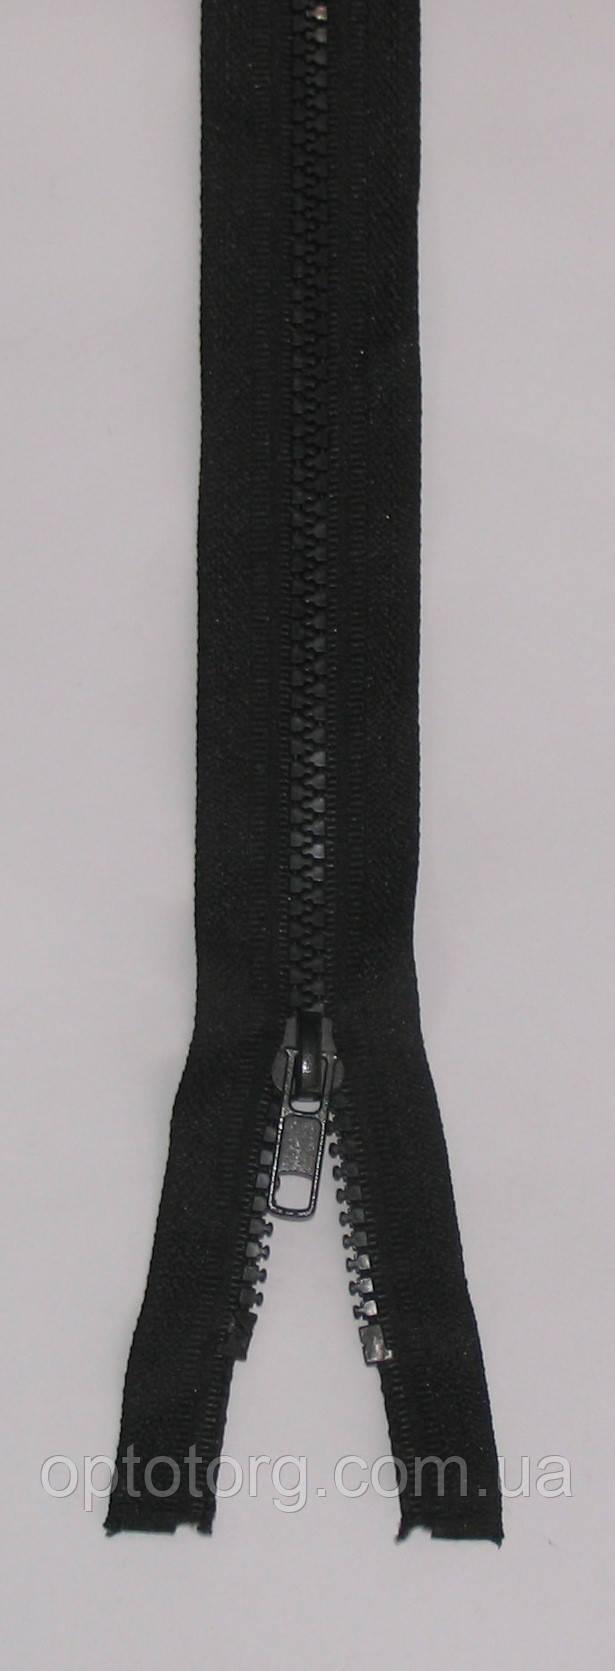 Змійка блискавка тракторна оптом чорна довжина 40см